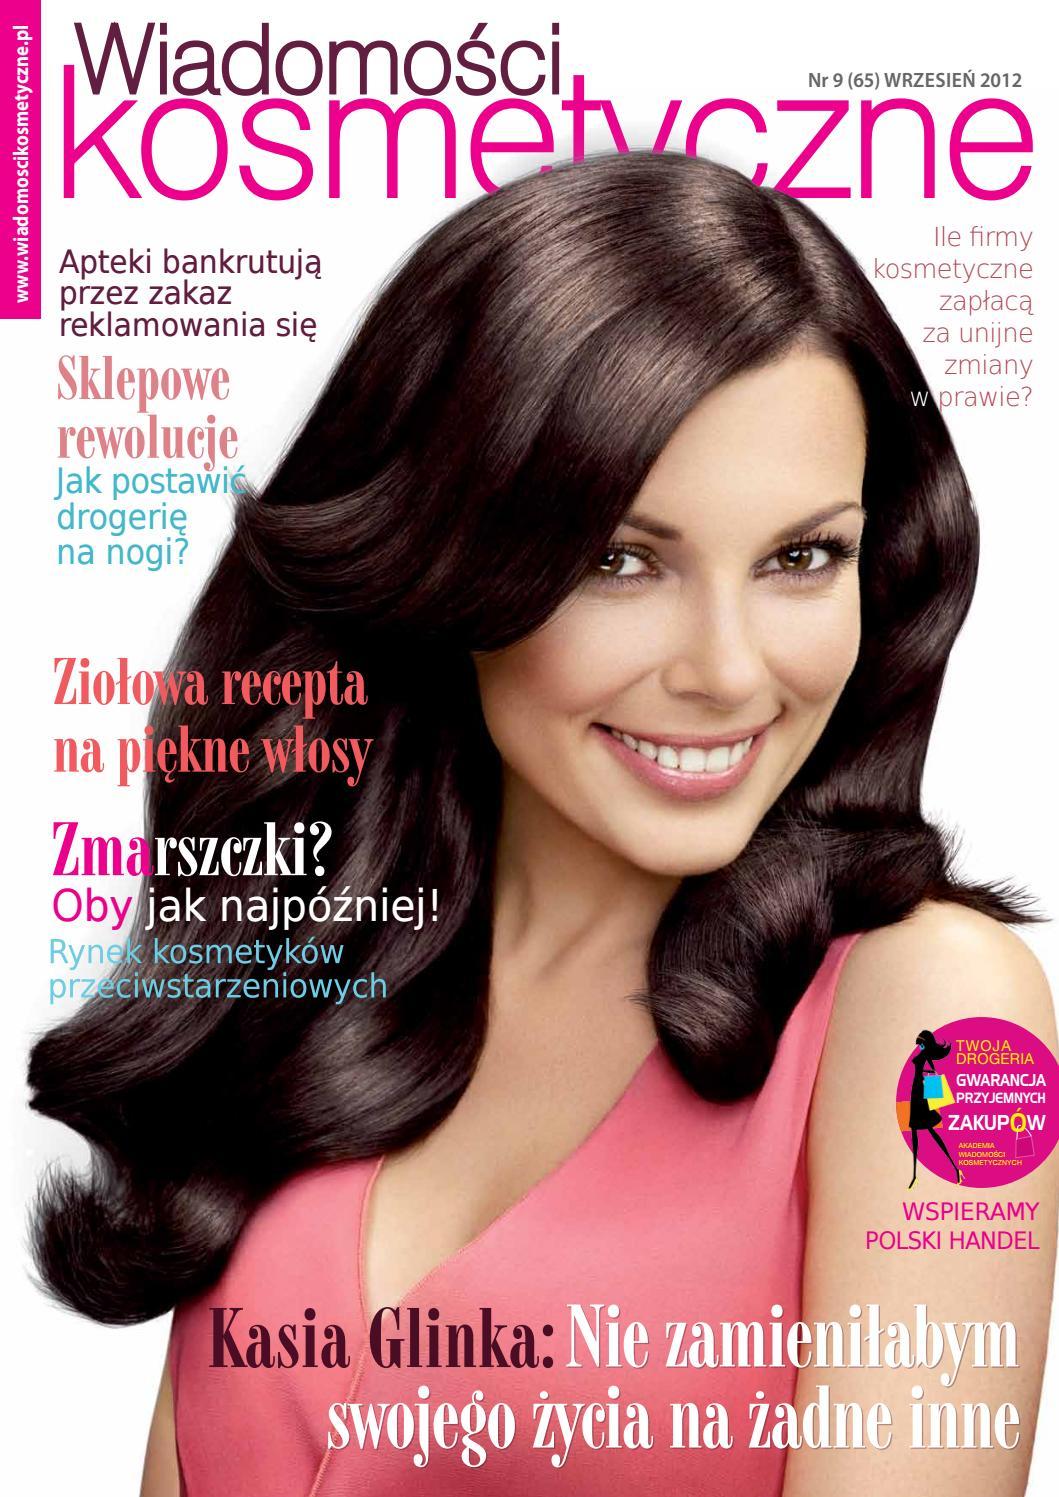 Wiadomości Kosmetyczne Wrzesień 2012 By